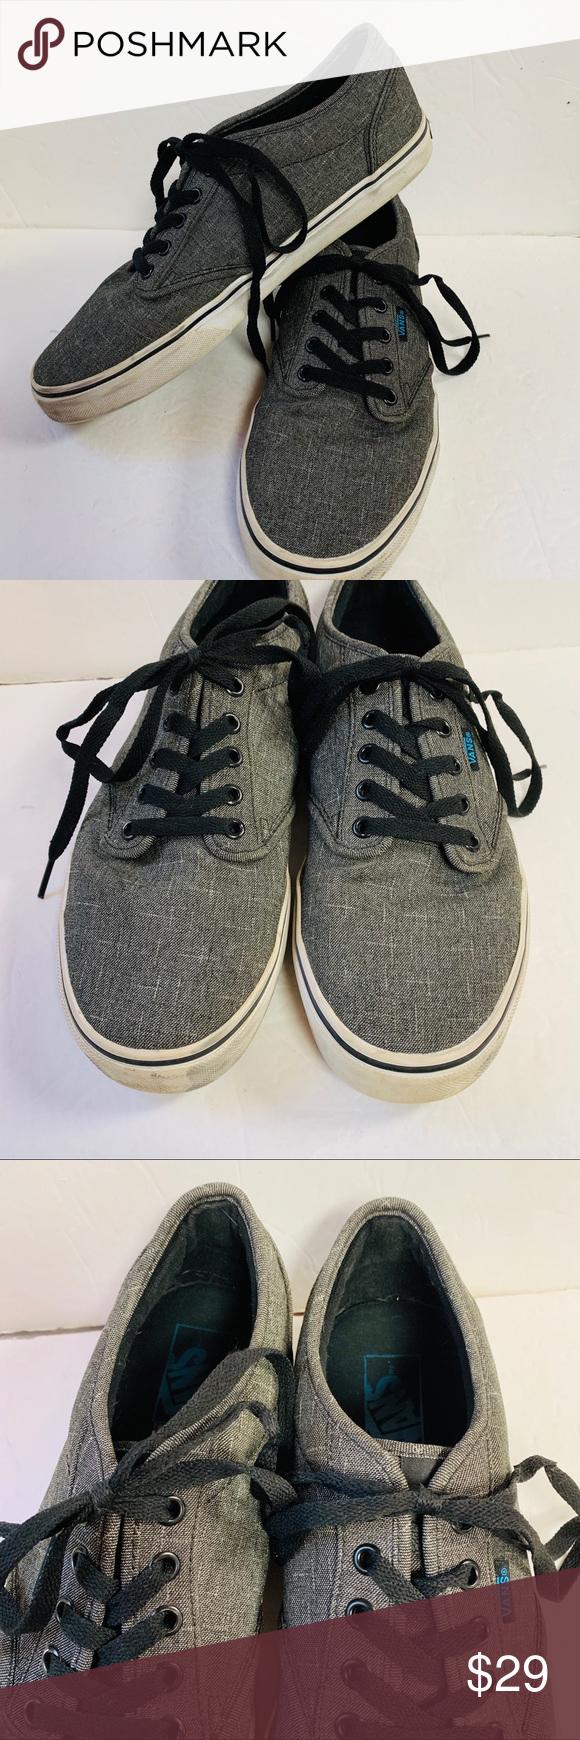 Men's Vans Sneakers Board Shoes 9.5 LIKE NEW Vans